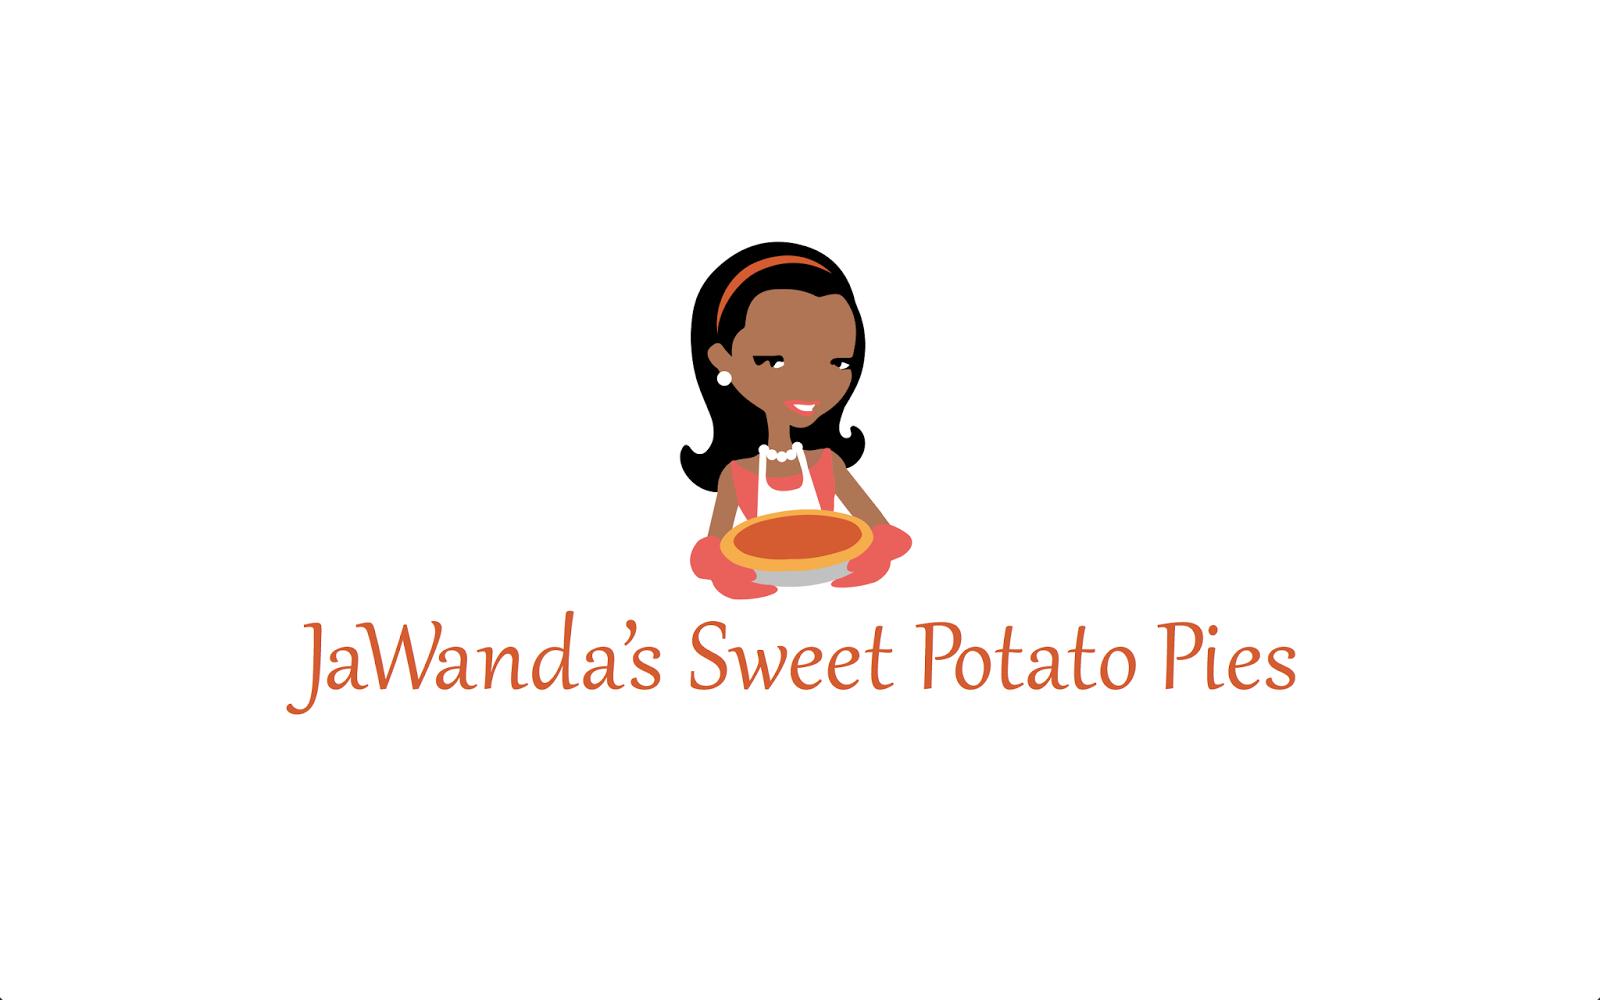 JaWanda's Sweet Potato Pies logo